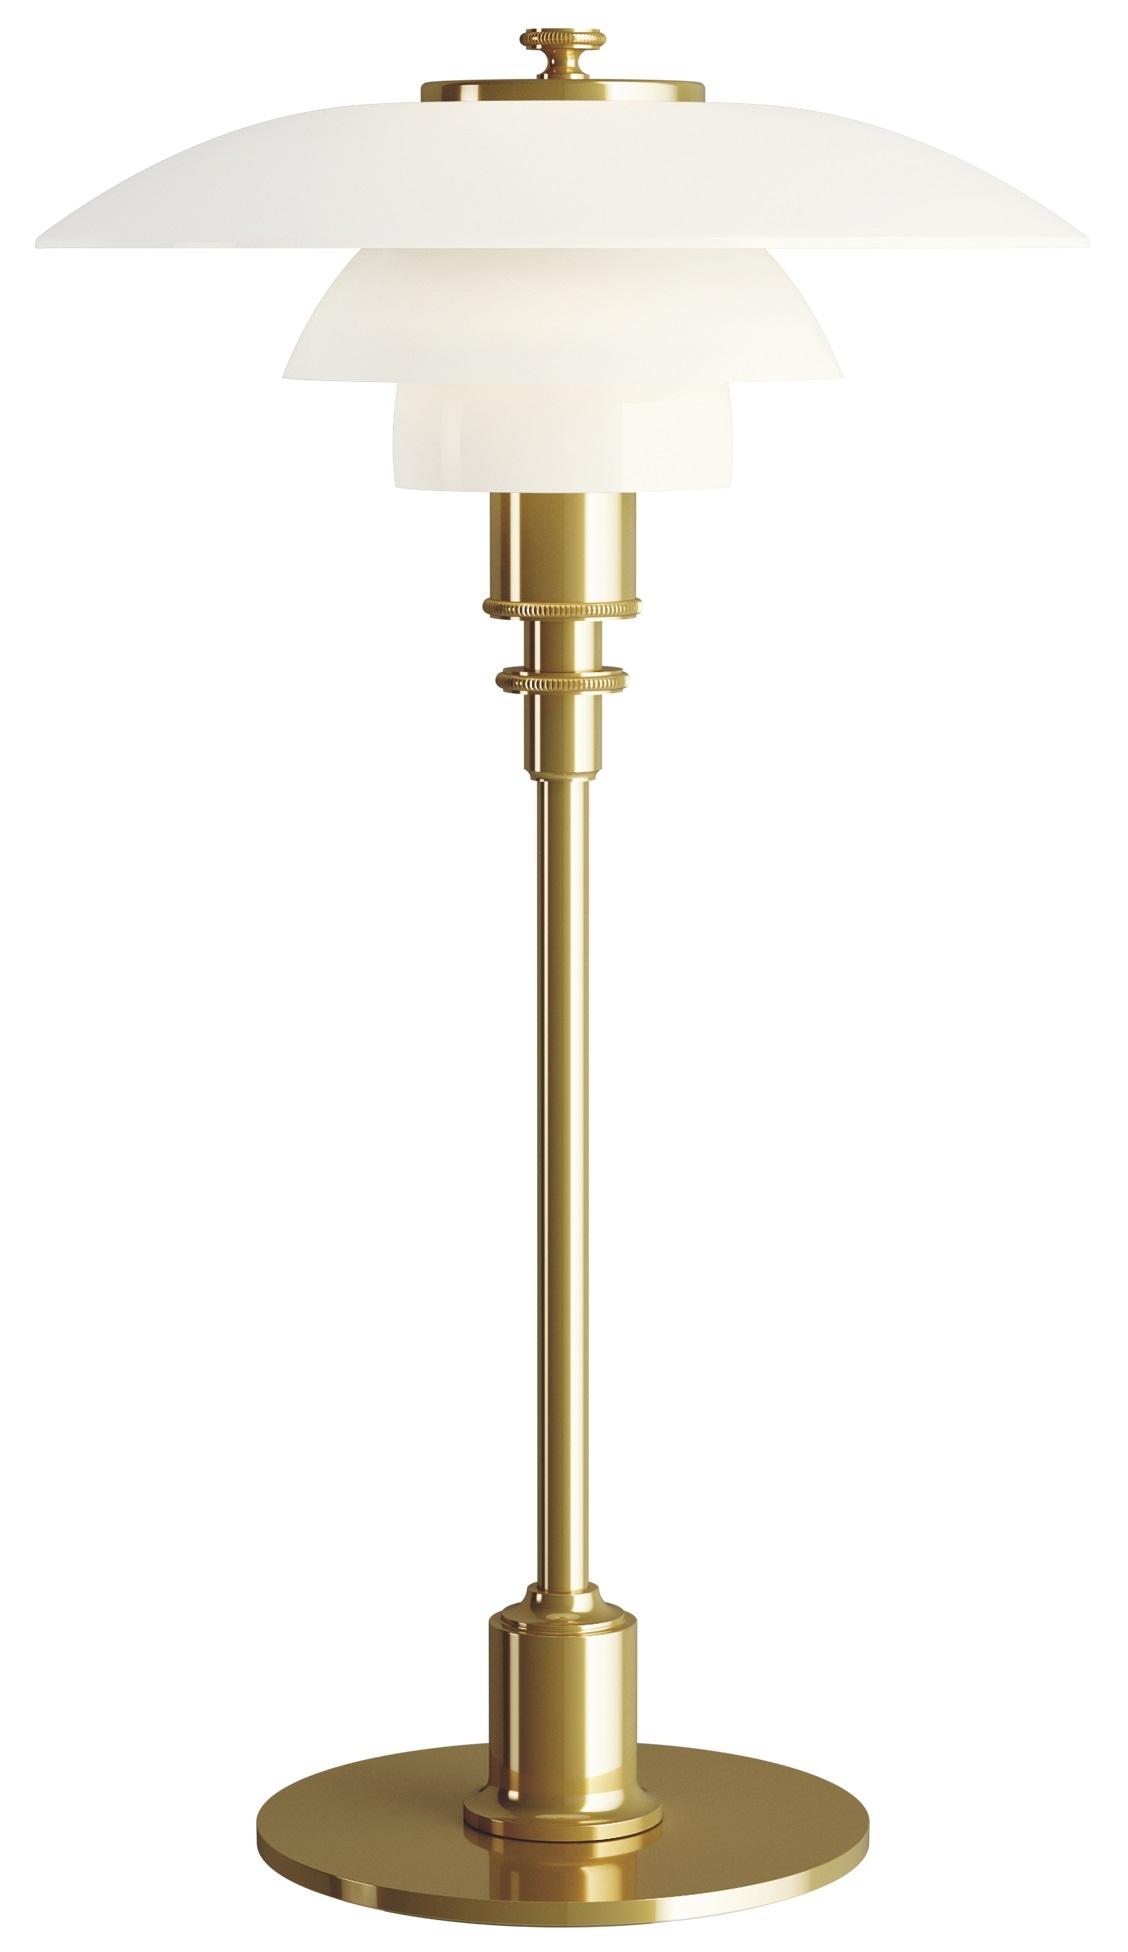 Lampe Exterieur Pour Tonnelle ph 2/1 louis poulsen lampe de table - milia shop